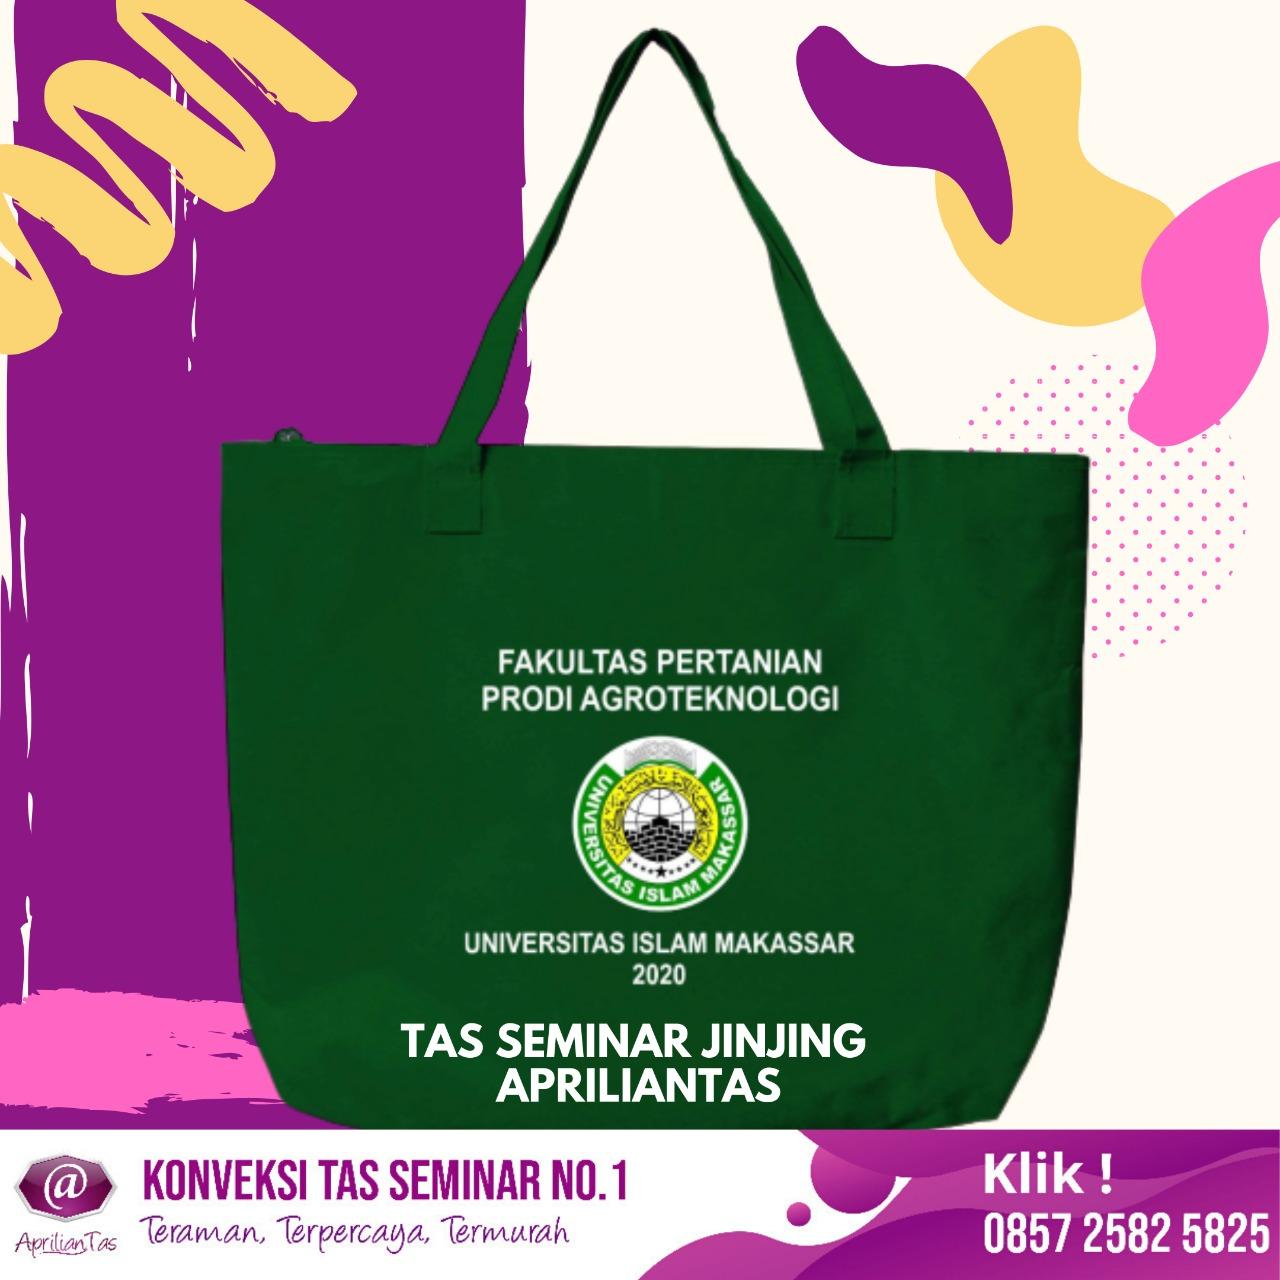 Contoh Desain Tas Seminar Jinjing TJ504 Pesanan Universitas Islam Makasar